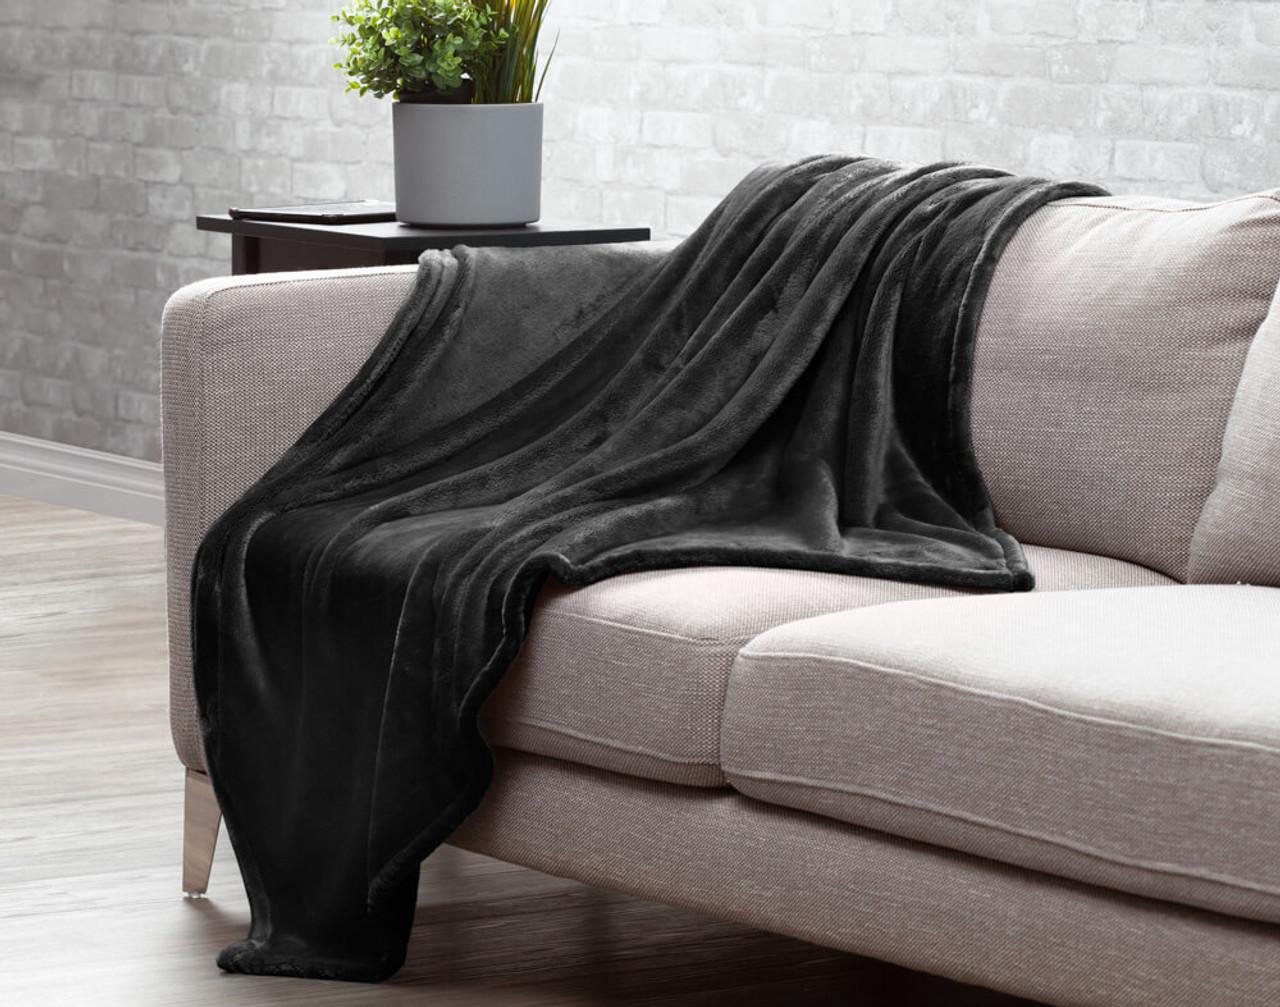 Velveteen Fleece Throw in Shale, a brown with grey undertones.